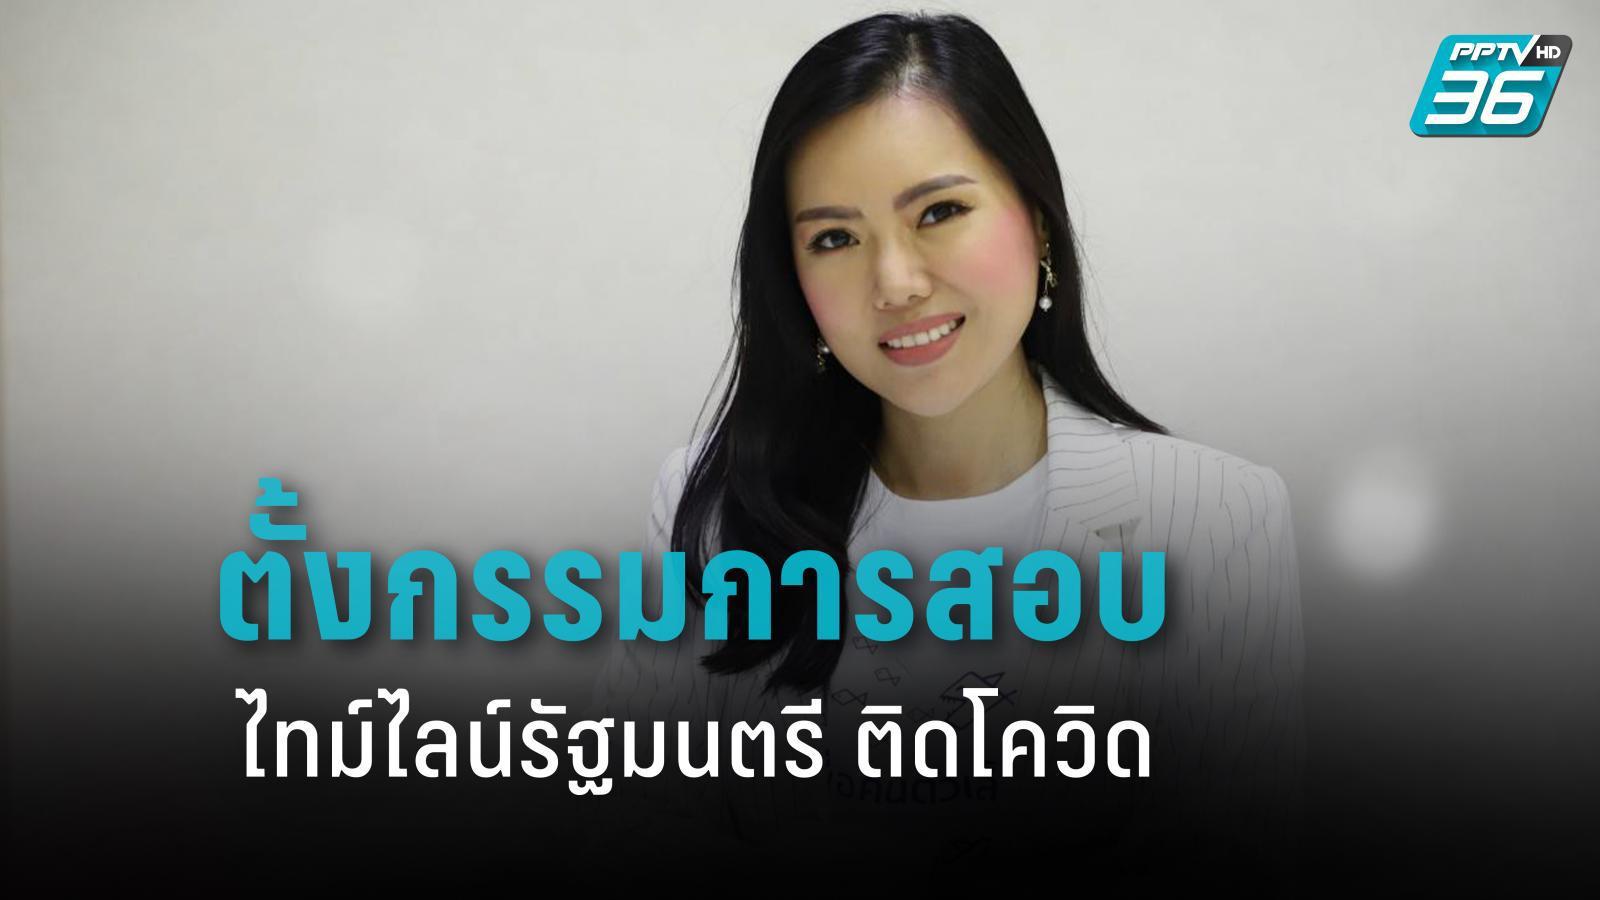 """""""ไทยสร้างไทย"""" จี้ รัฐบาลตั้งกรรมการสอบ ไทม์ไลน์รัฐมนตรีติดโควิด"""